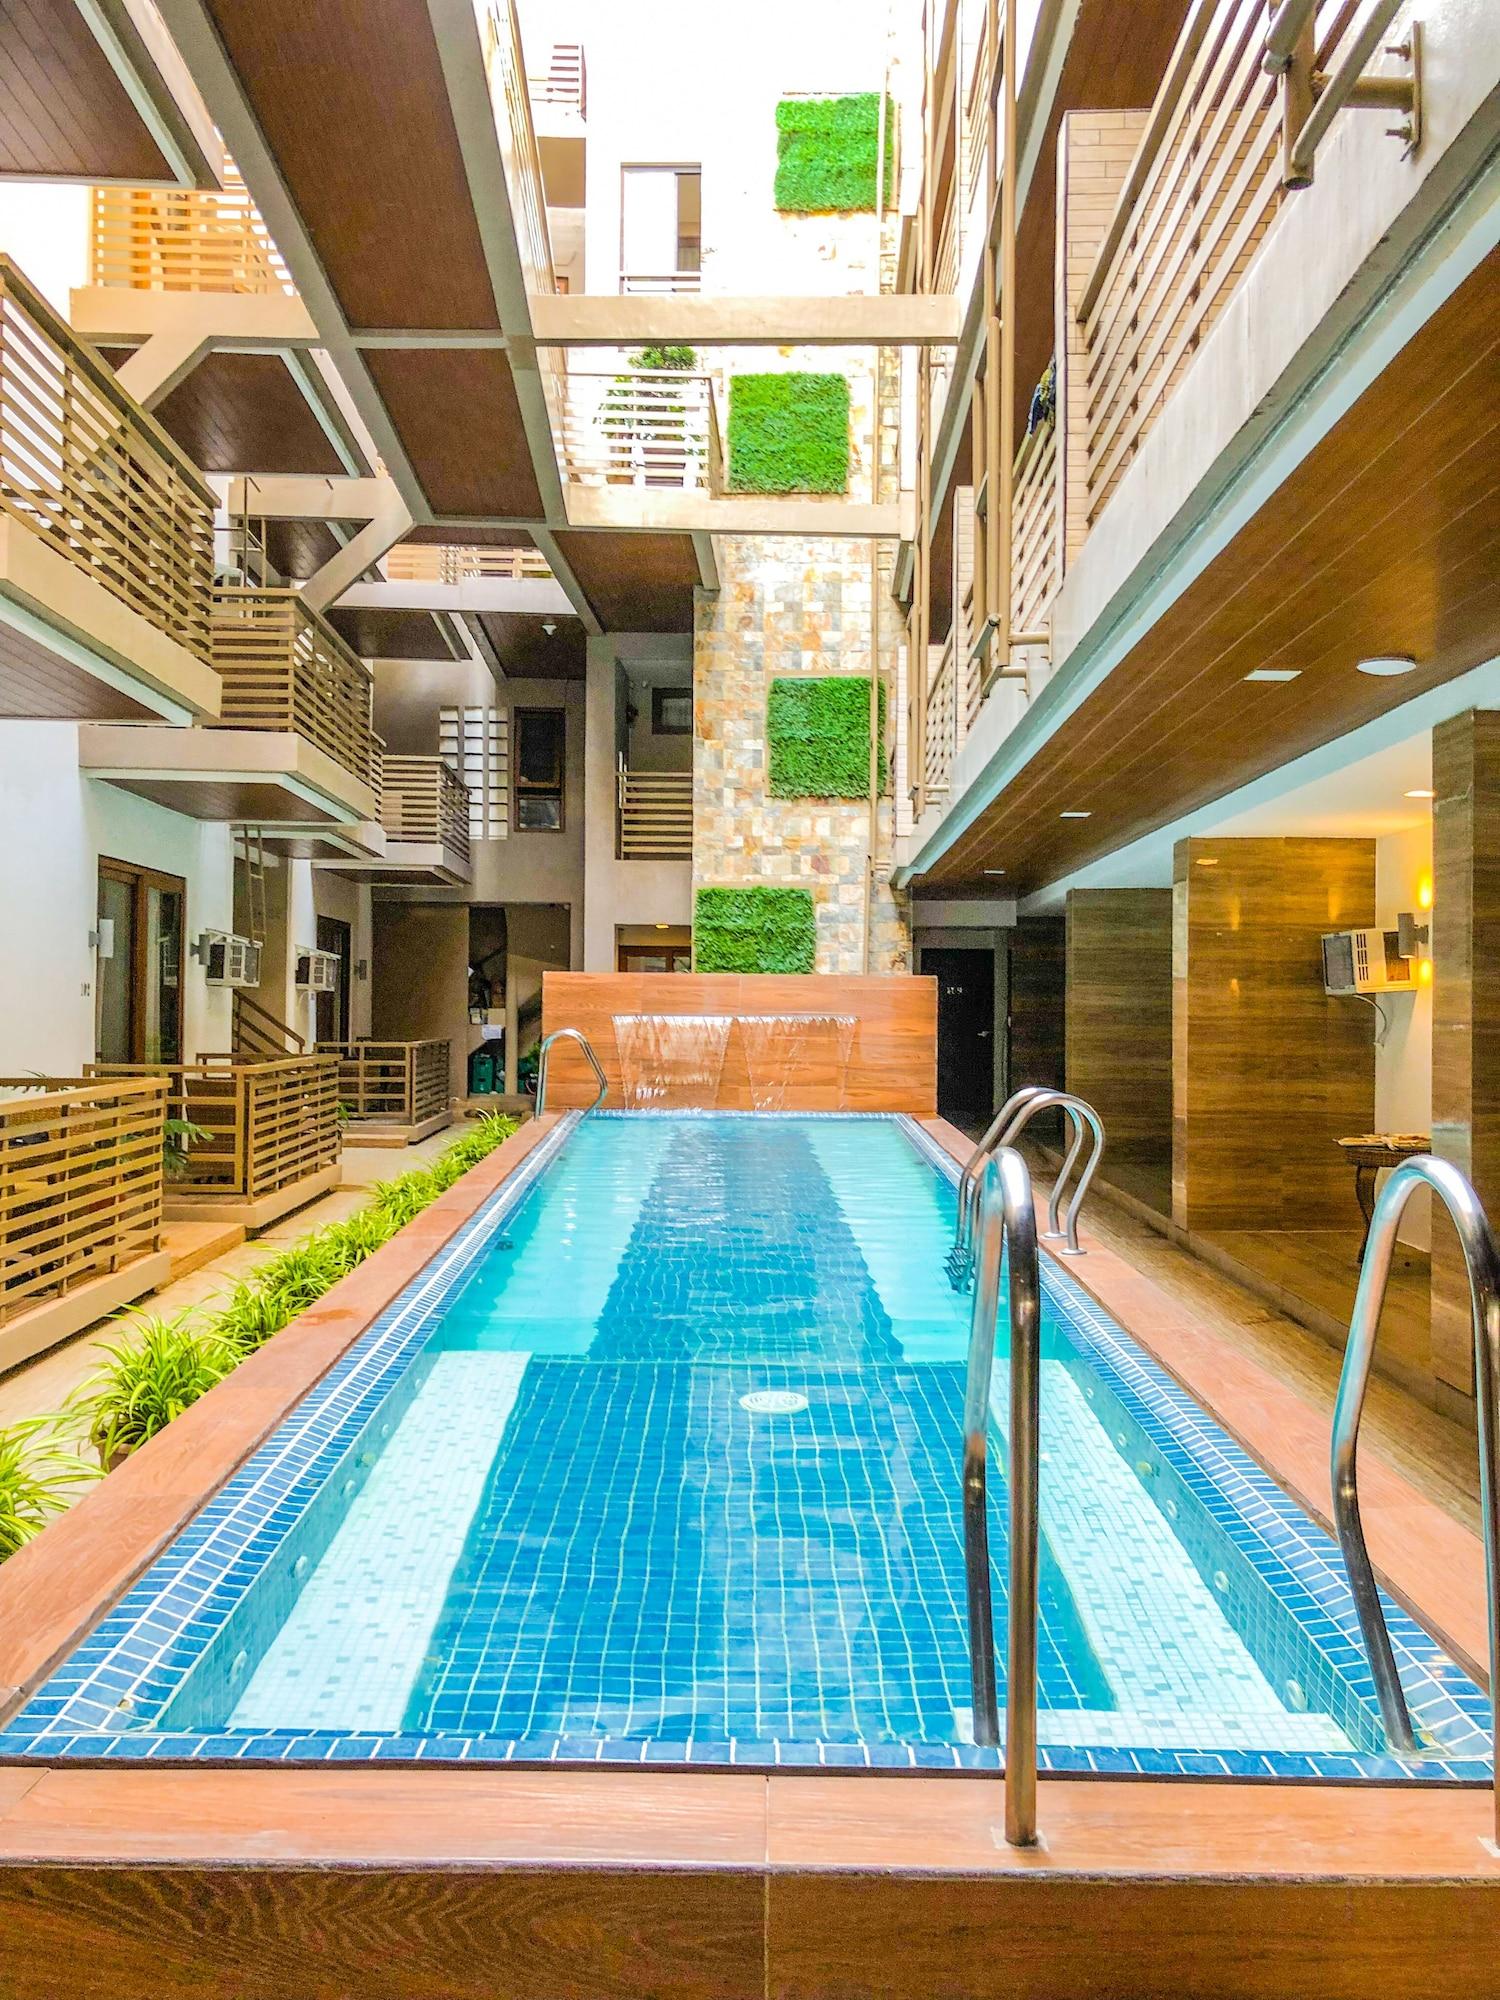 The Piccolo Hotel of Boracay, Malay